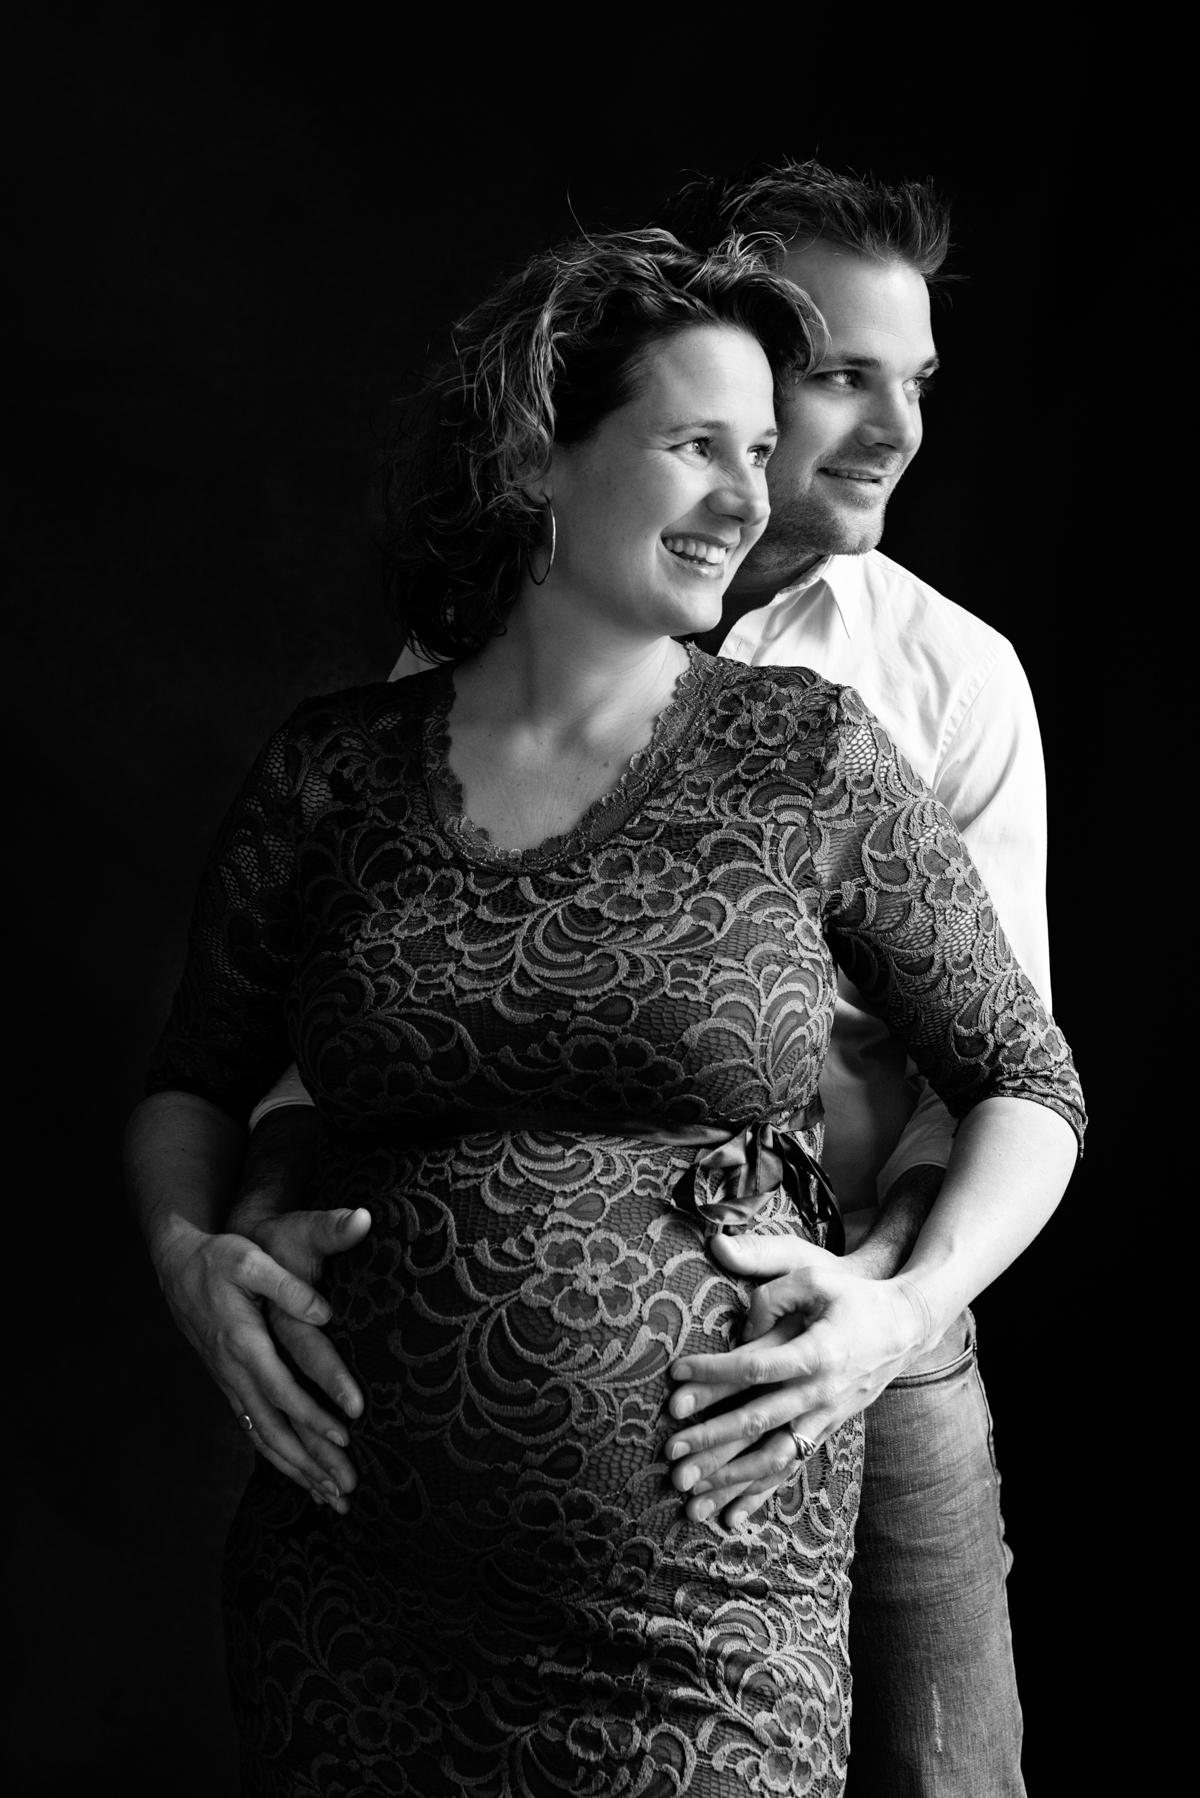 zwanger op de foto